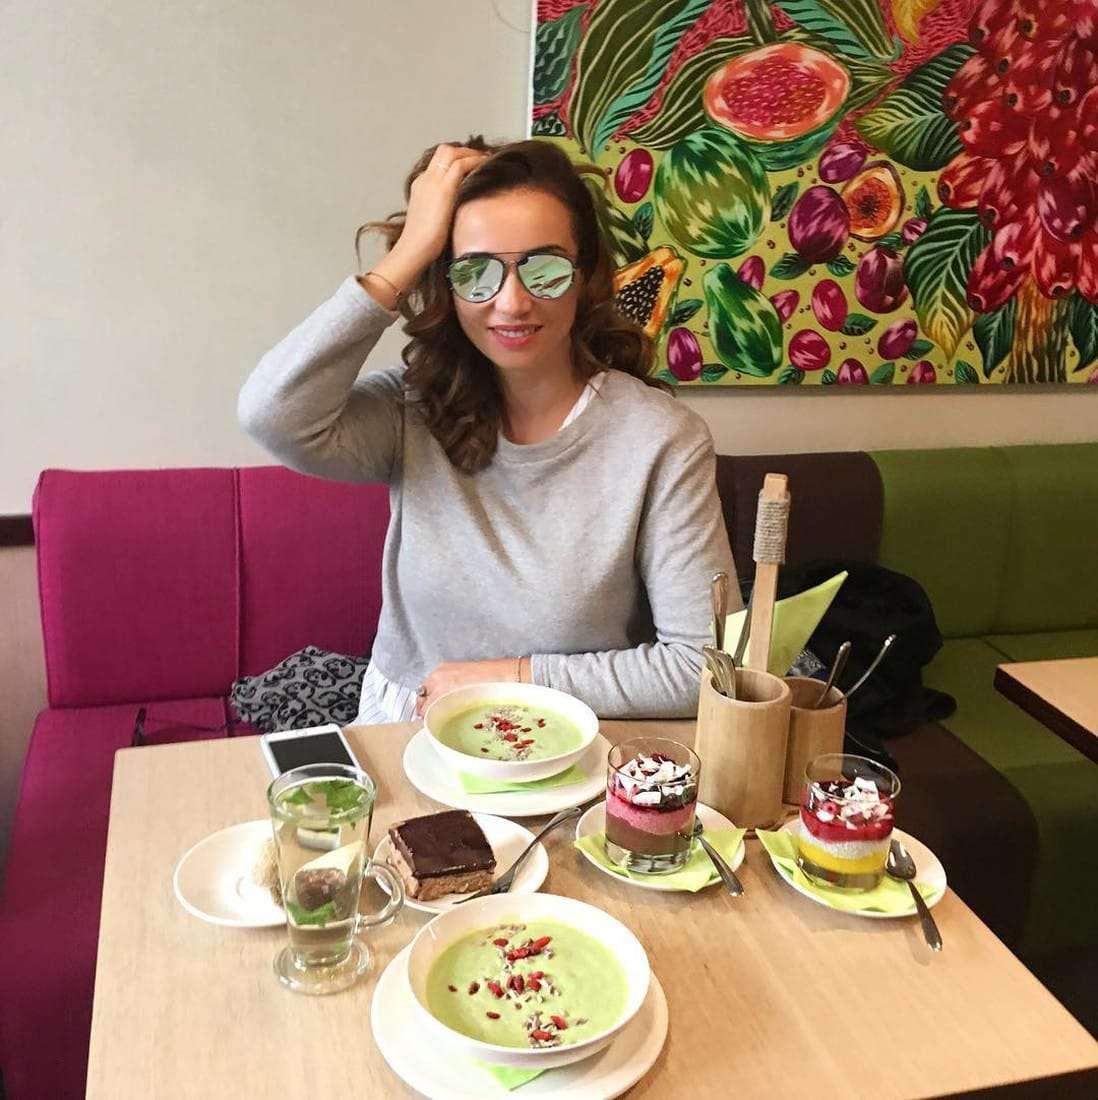 Меню на день Анфисы Чеховой: что любит есть, любимое блюдо, как питается знаменитая ведущая